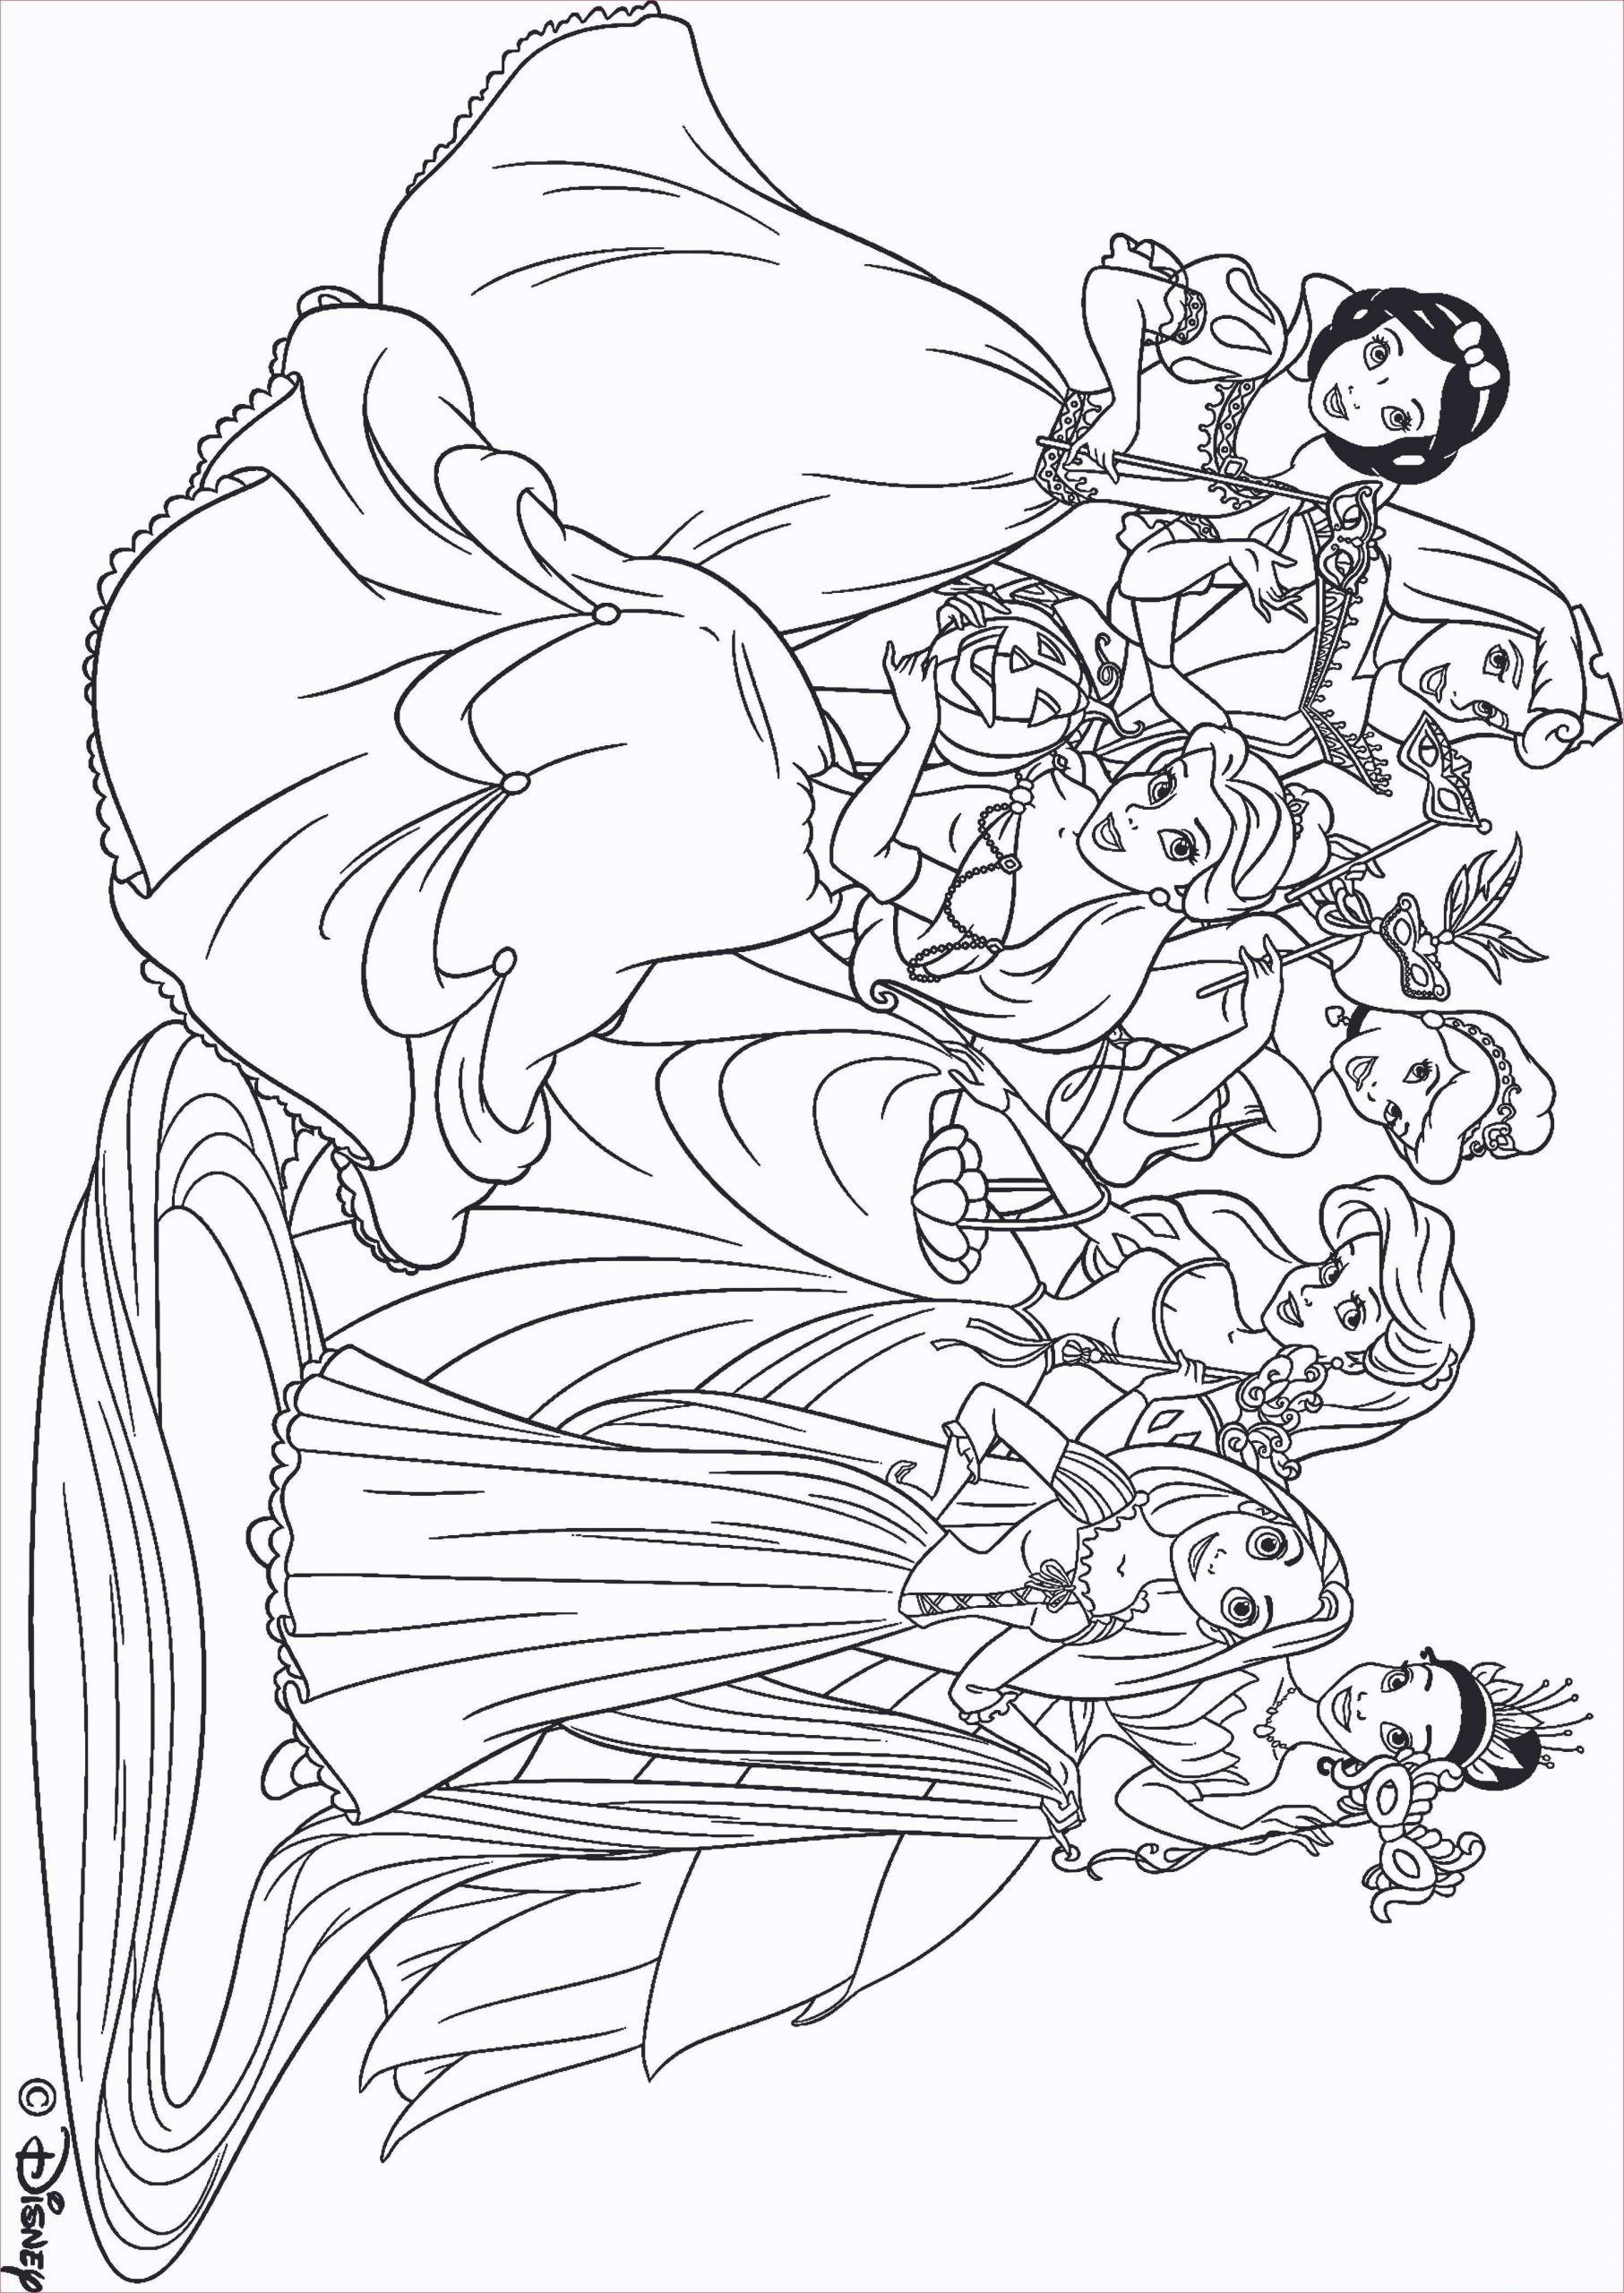 Ausmalbilder Prinzessin Gratis Malvorlagen Zum Ausdrucken Disney Malvorlagen Ausmalbilder Ausmalbilder Disney